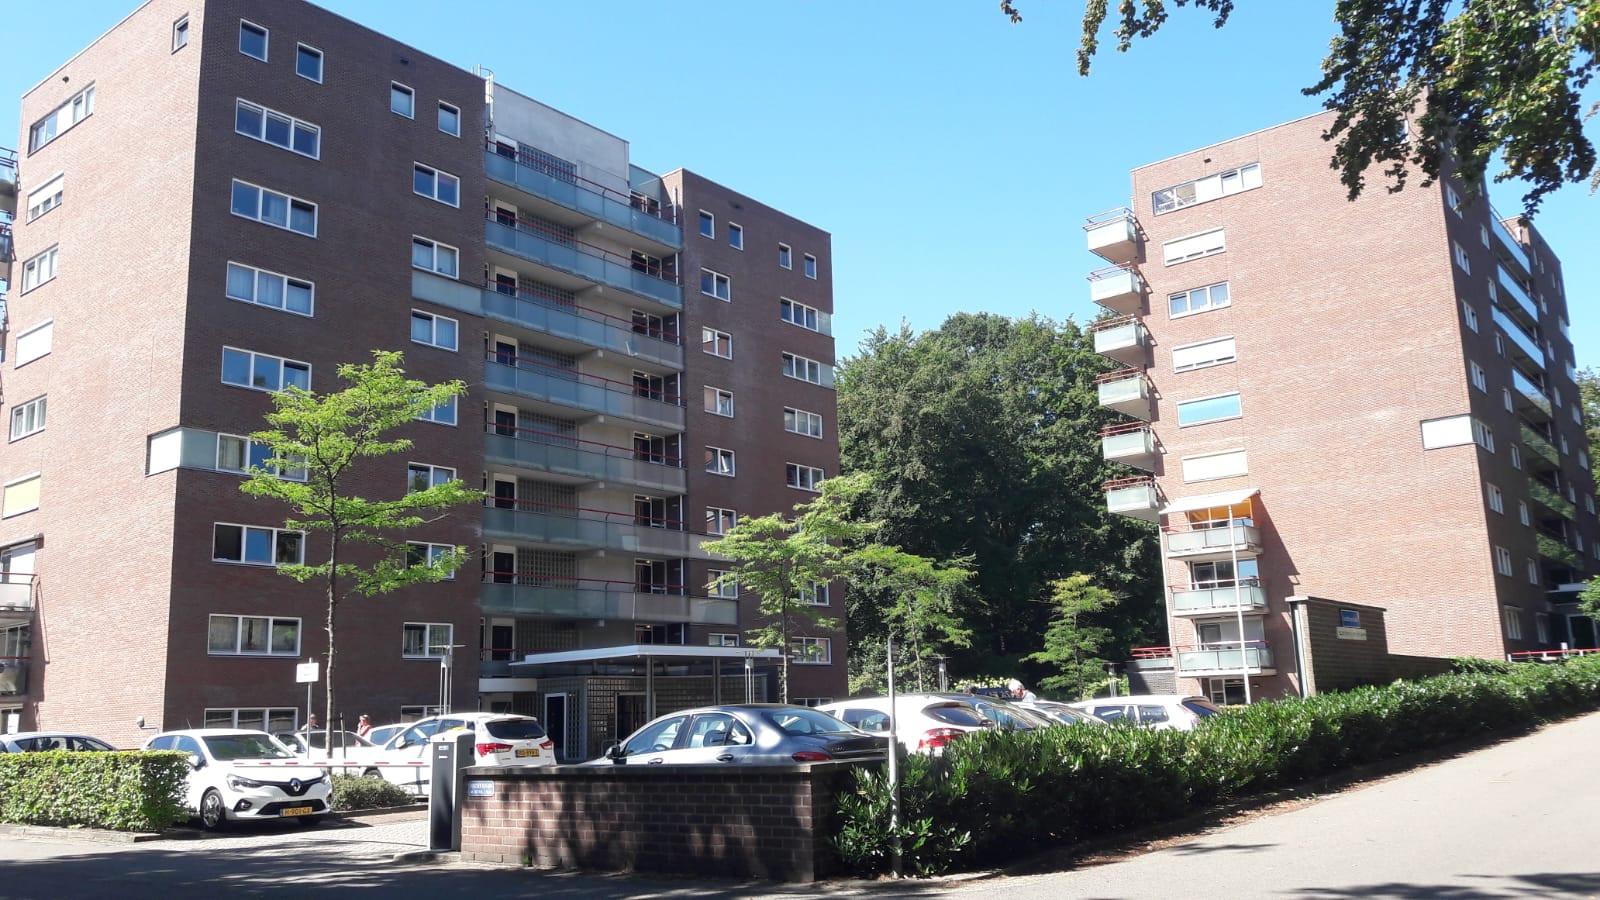 De appartementen aan de Jachthoornlaan in Arnhem: zes dagen lang verstoken van tv, internet en vaste telefoon nadat inbrekers verderop in een slooppand van Het Dorp de kabels van Ziggo vernielden.